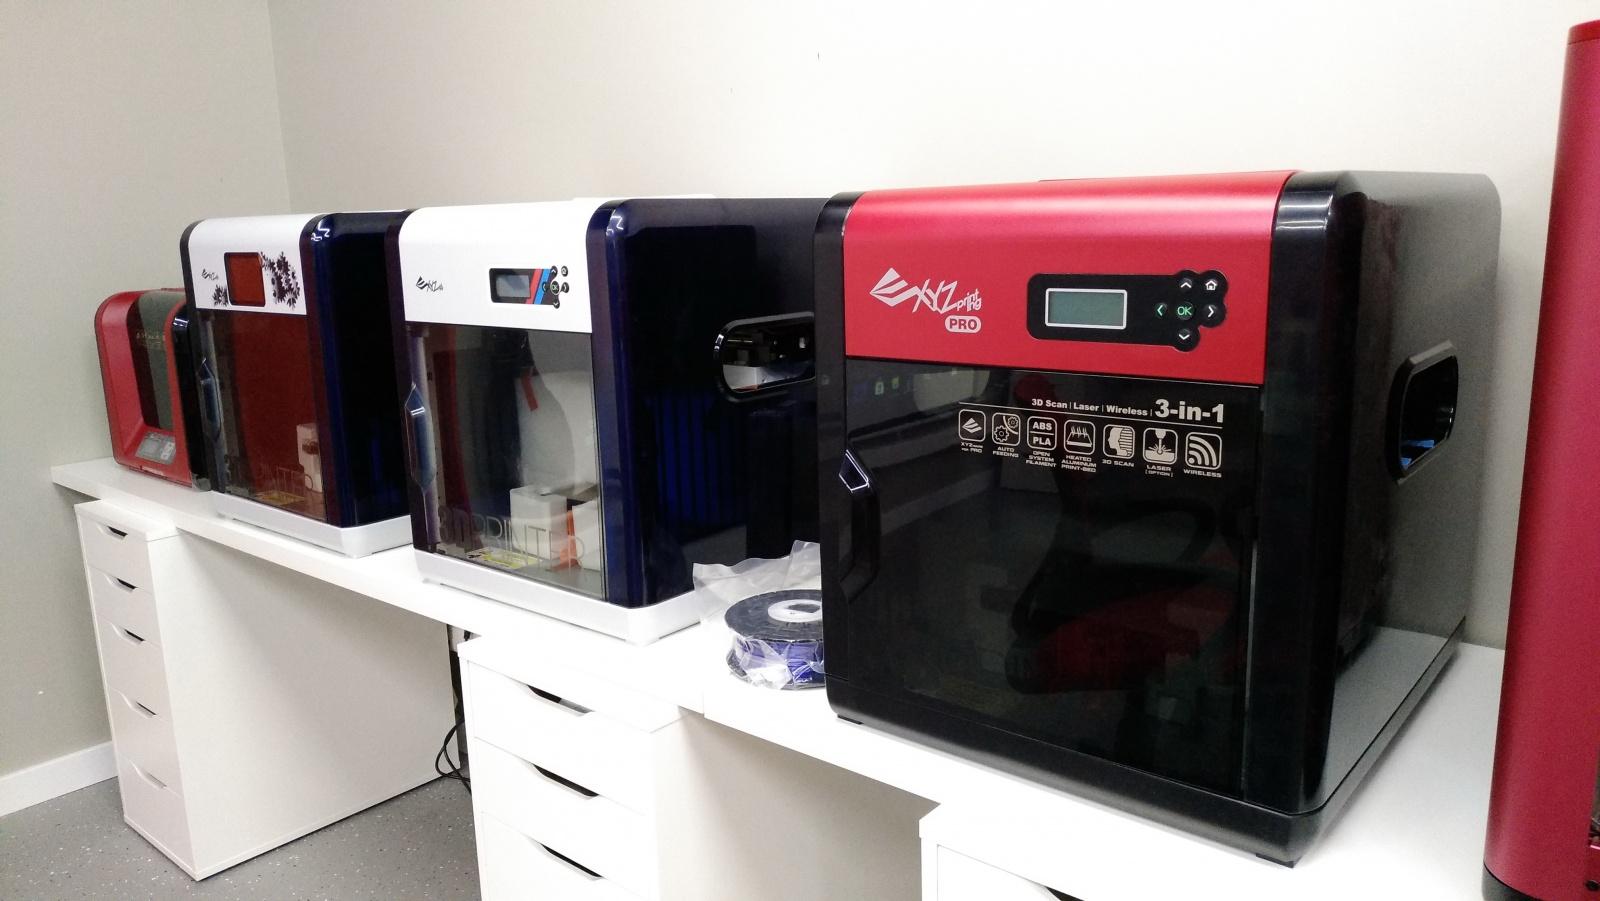 Цветной 3D-принтер Da Vinci. Фоторепортаж с презентации Компании XYZprinting - 4